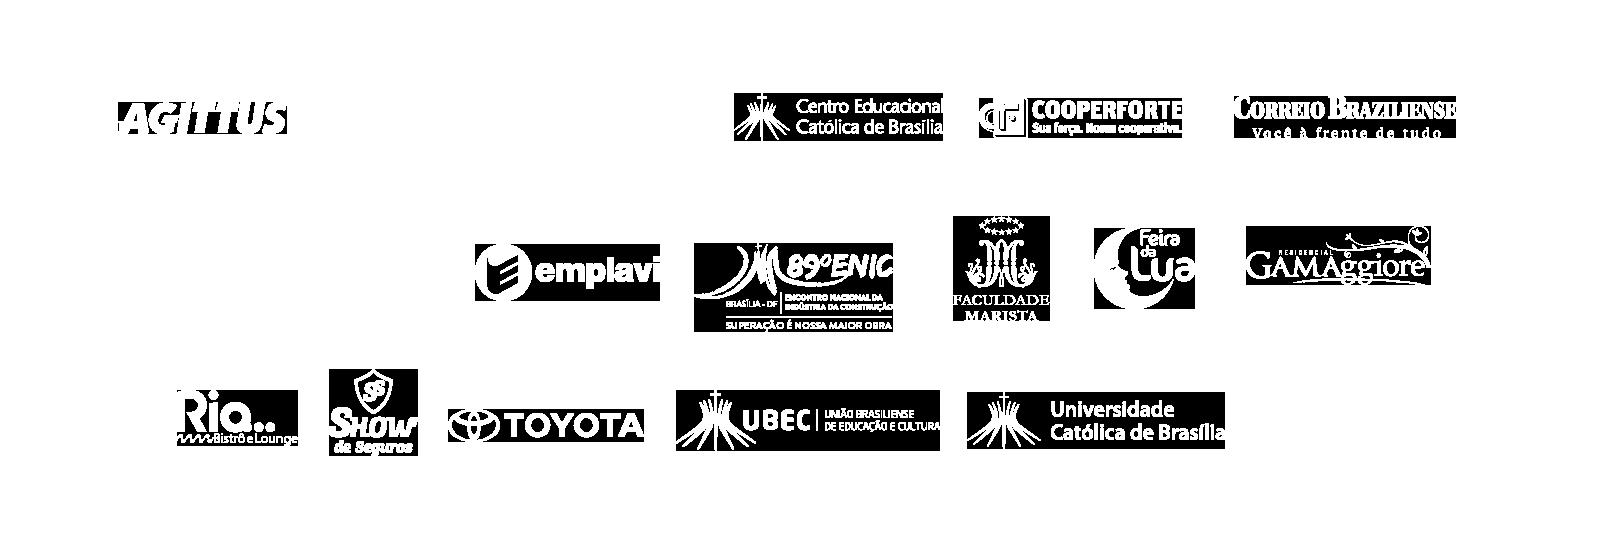 #logos clientes para site!2!